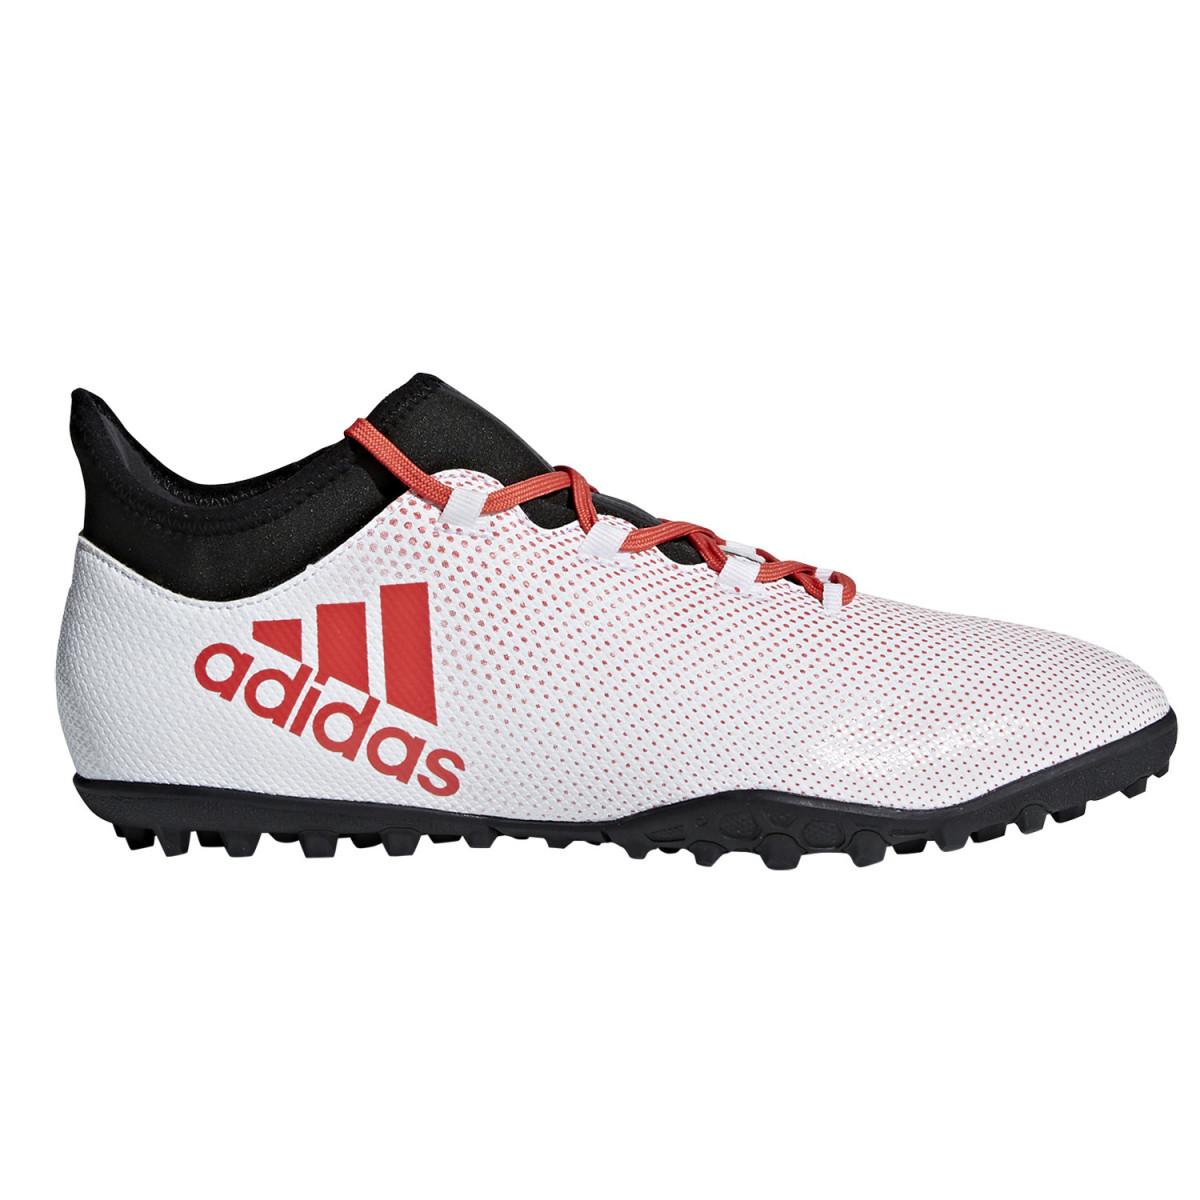 Botines Adidas X Tango 17.3 - Botines - Hombre 0eea67b5b7f97